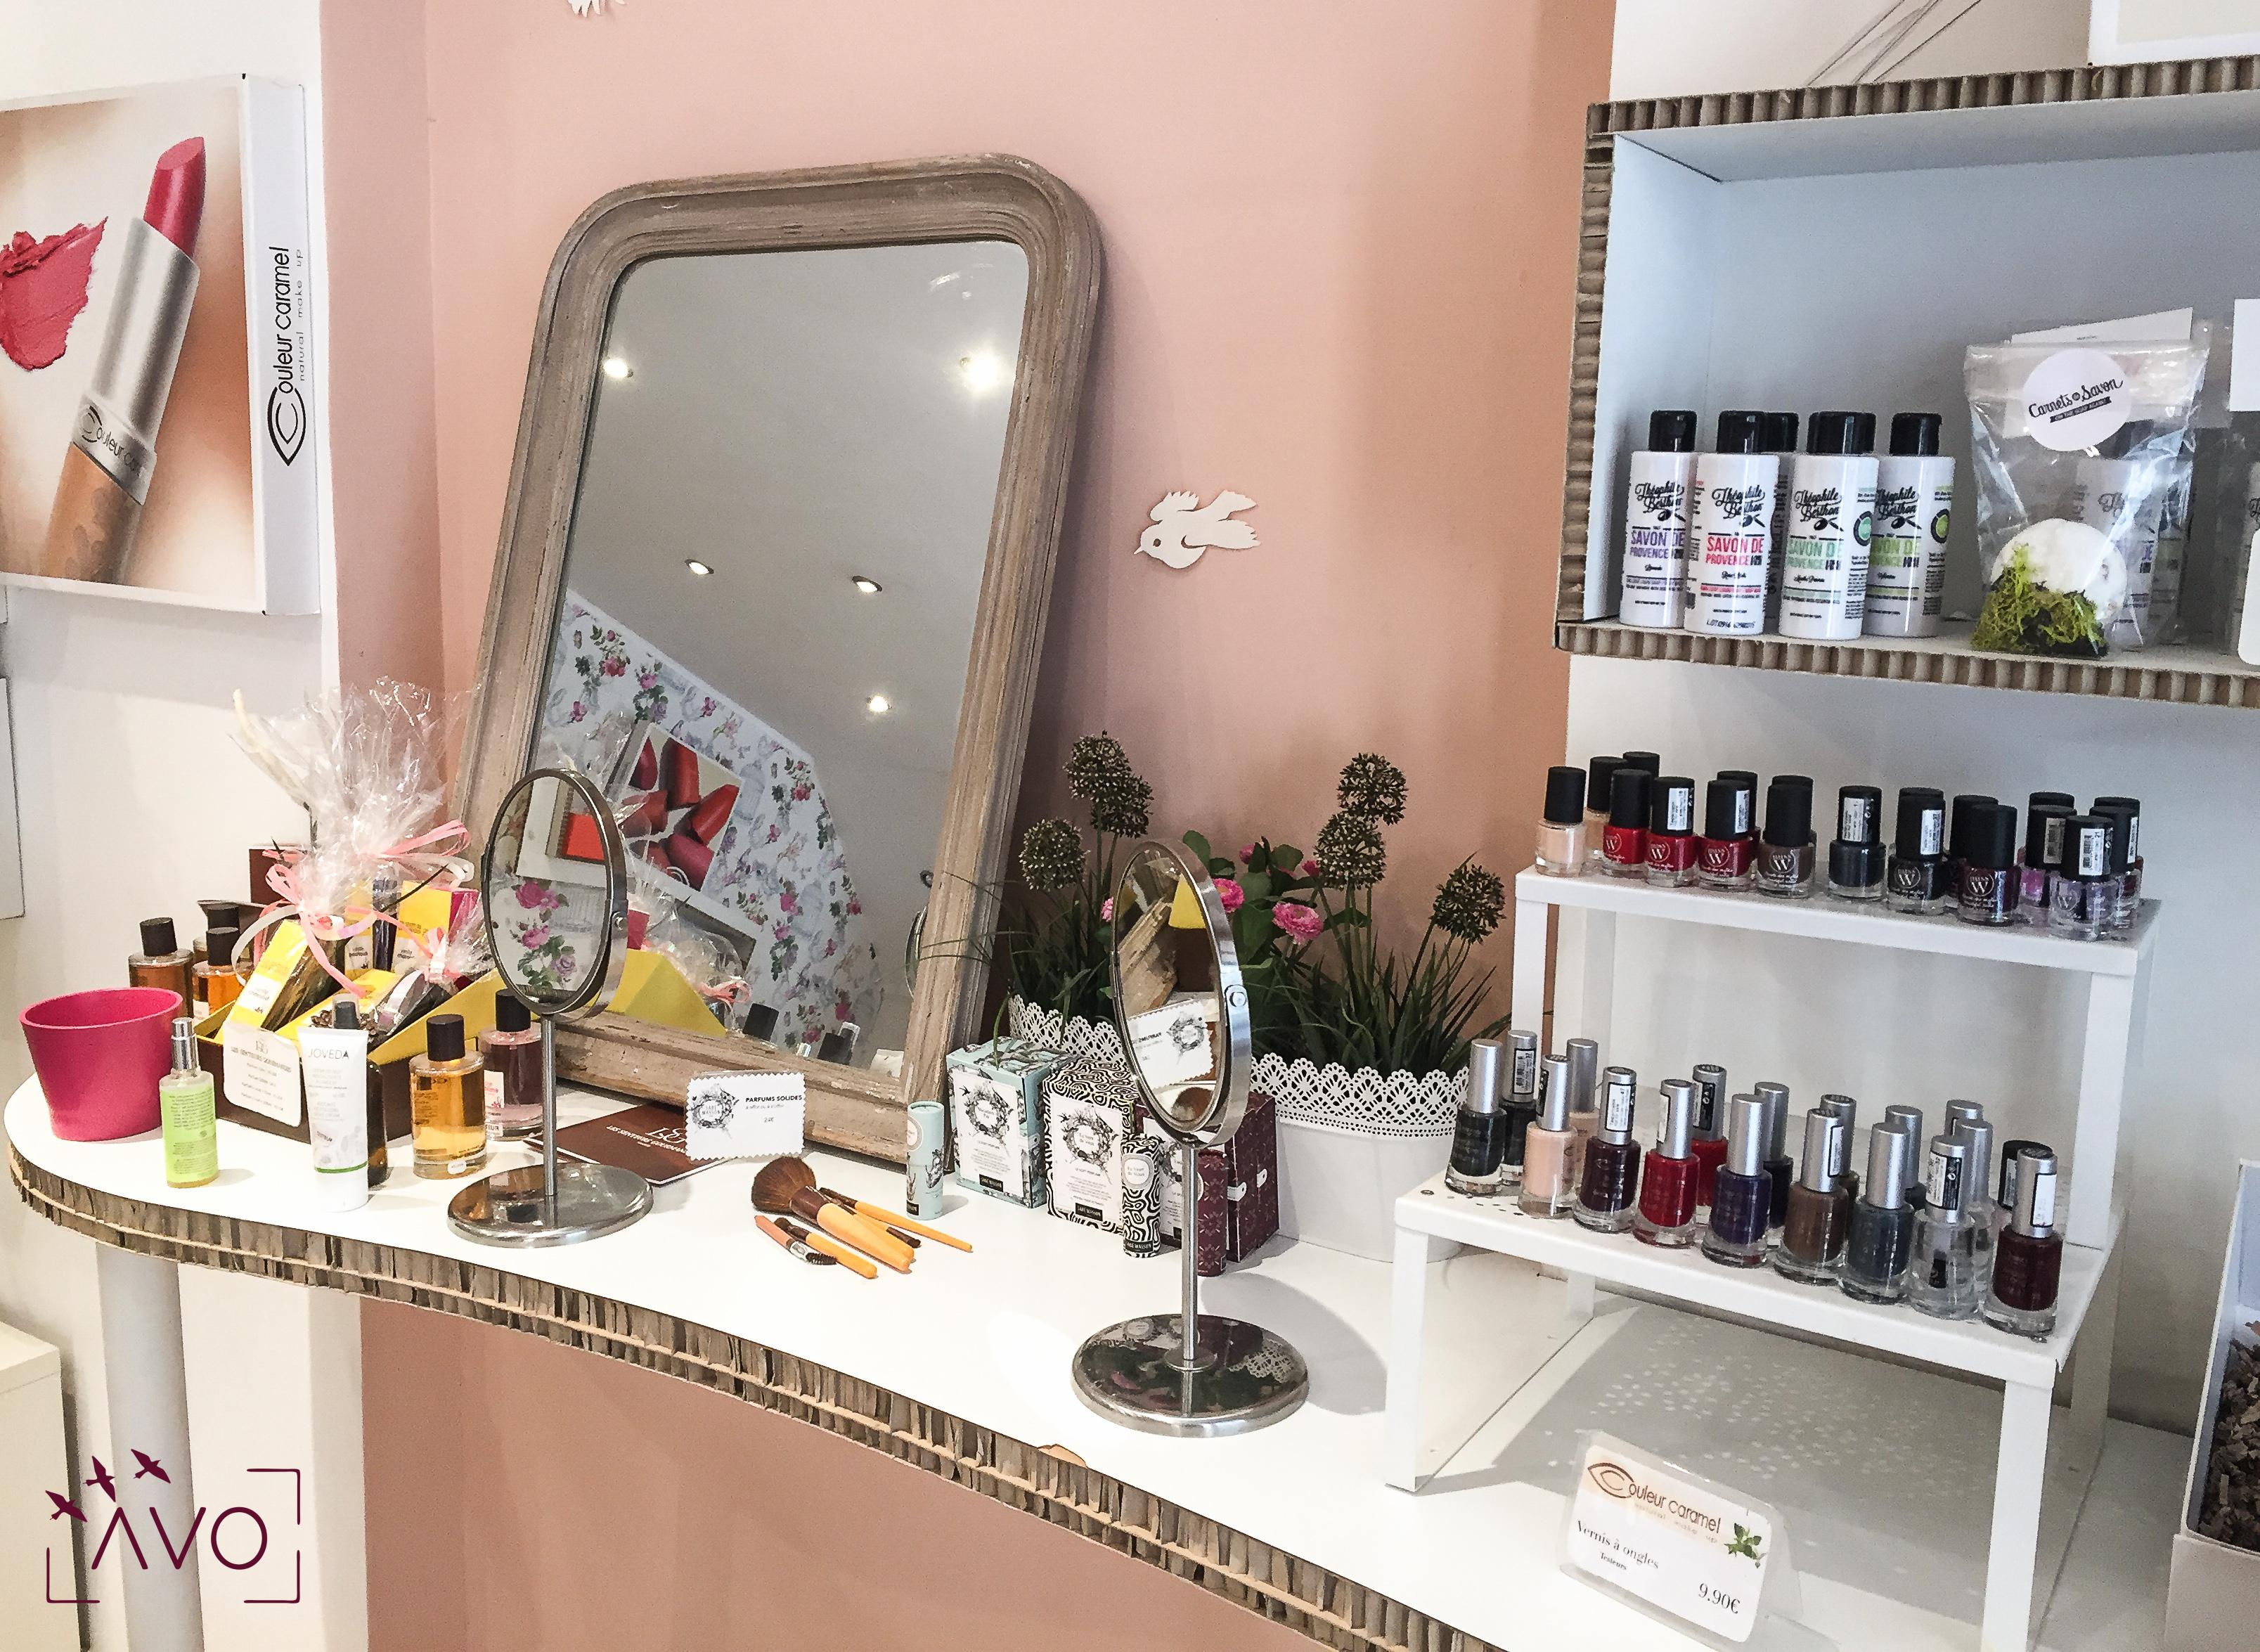 ateliers maquillage cosmétiques bio m&oz